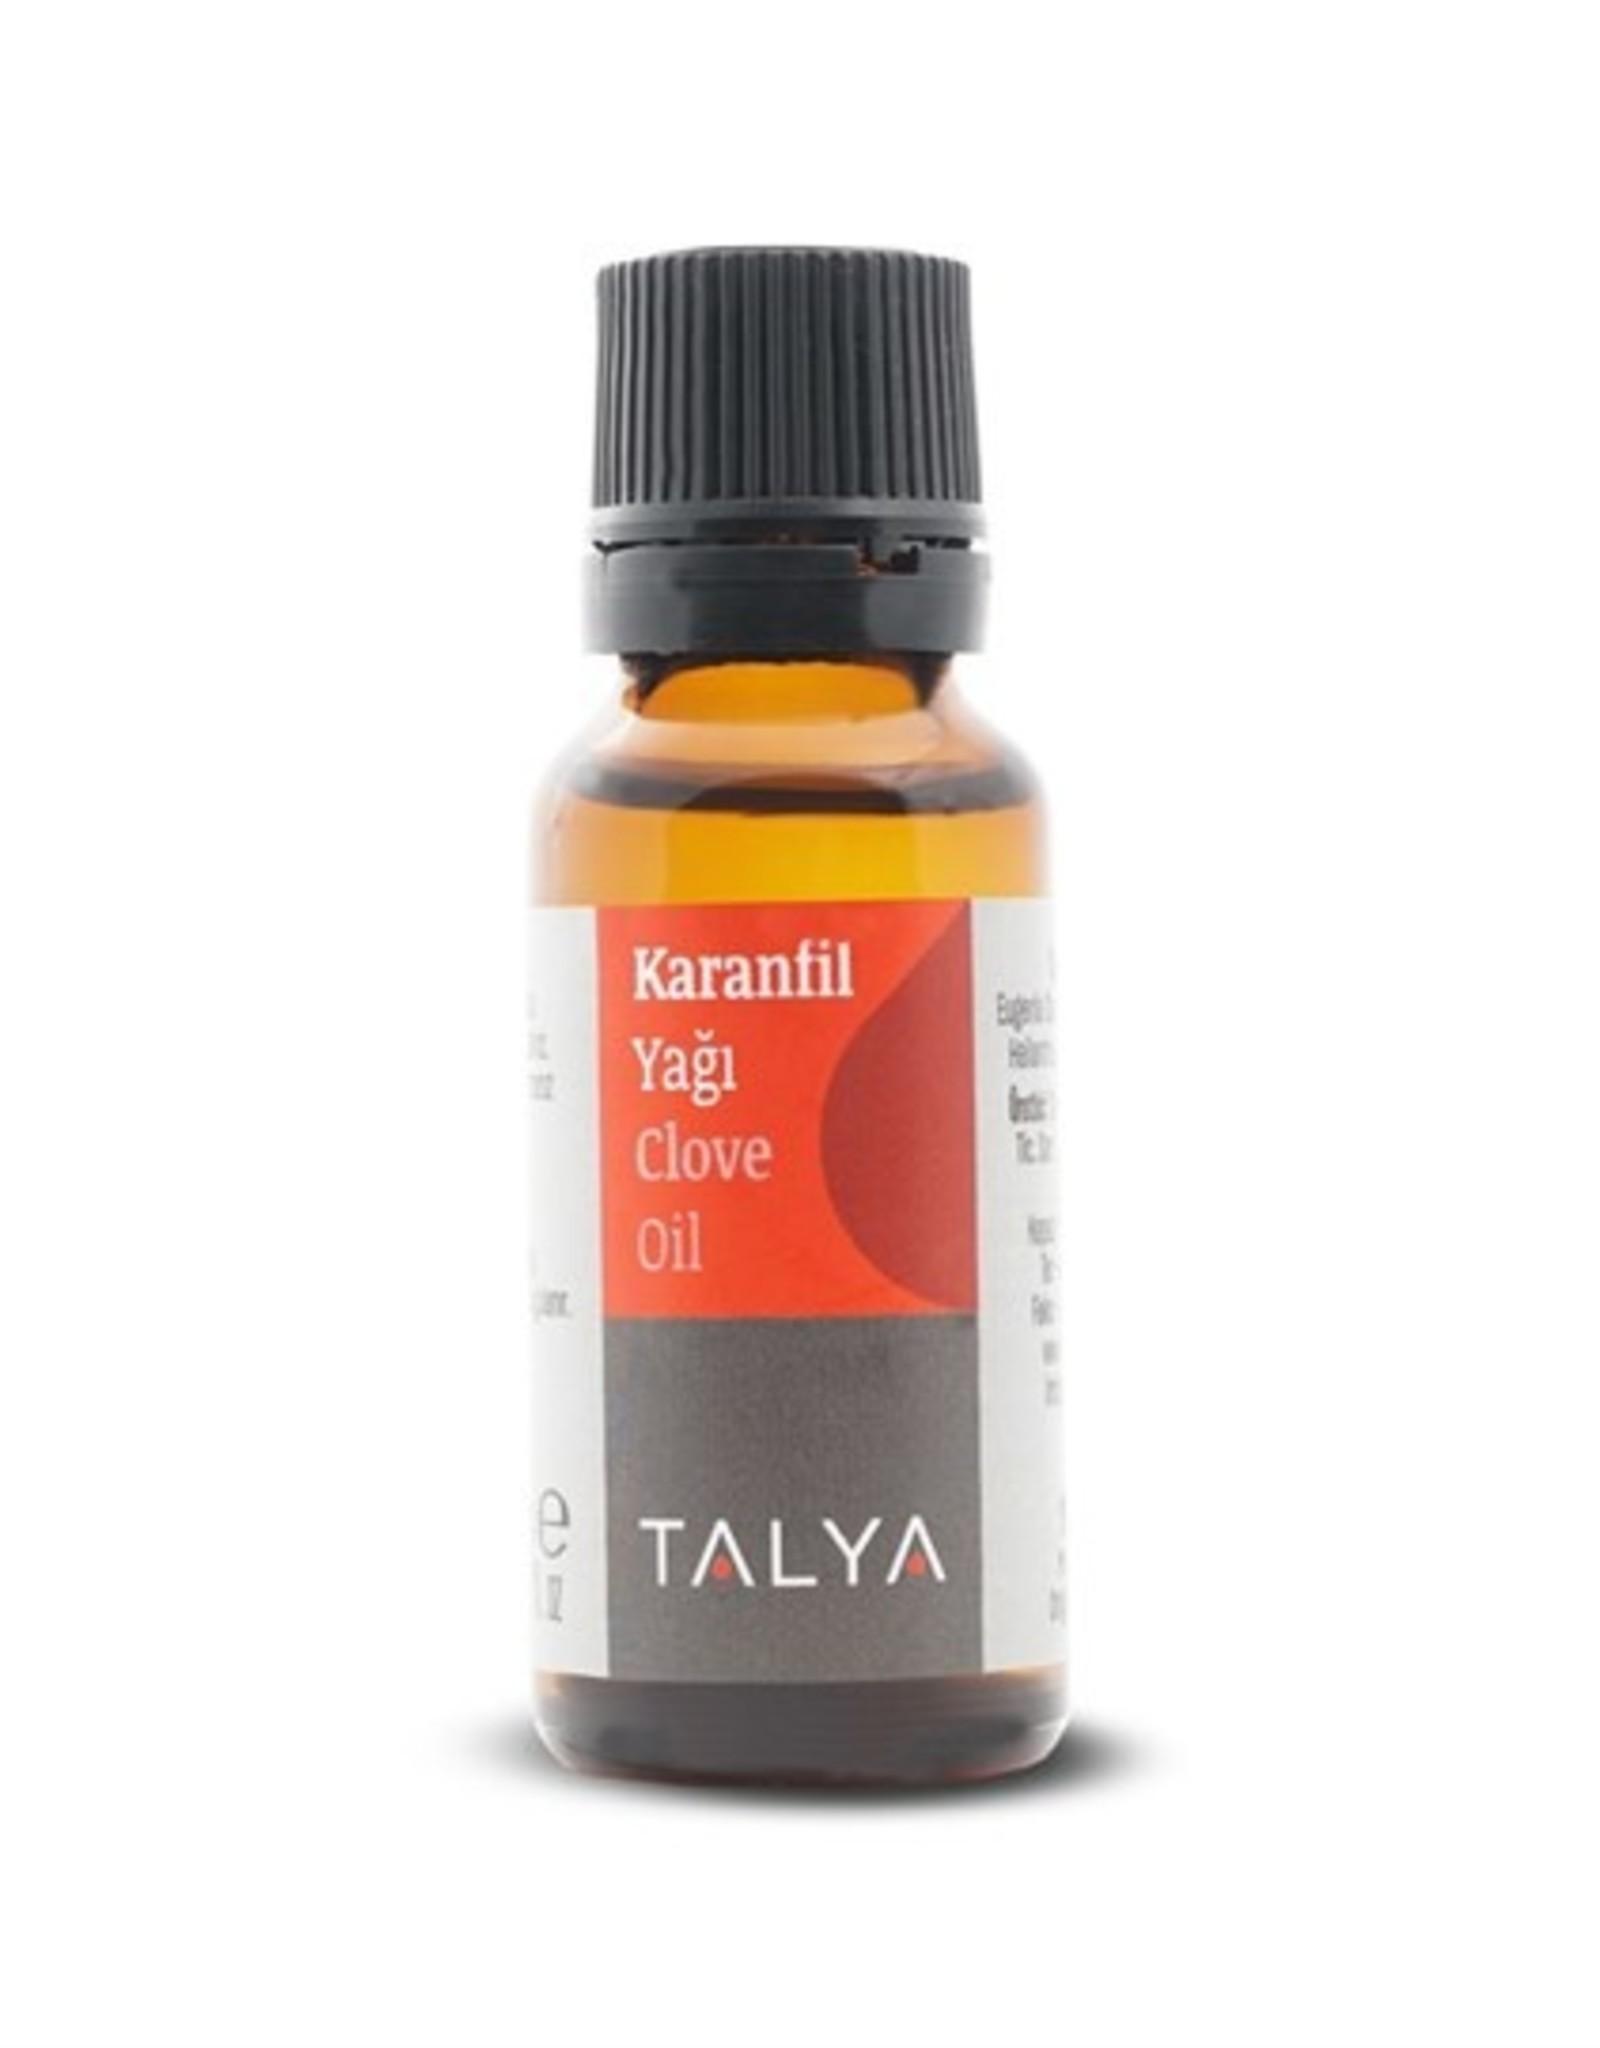 TALYA Talya Karanfil Yağı 20 ml